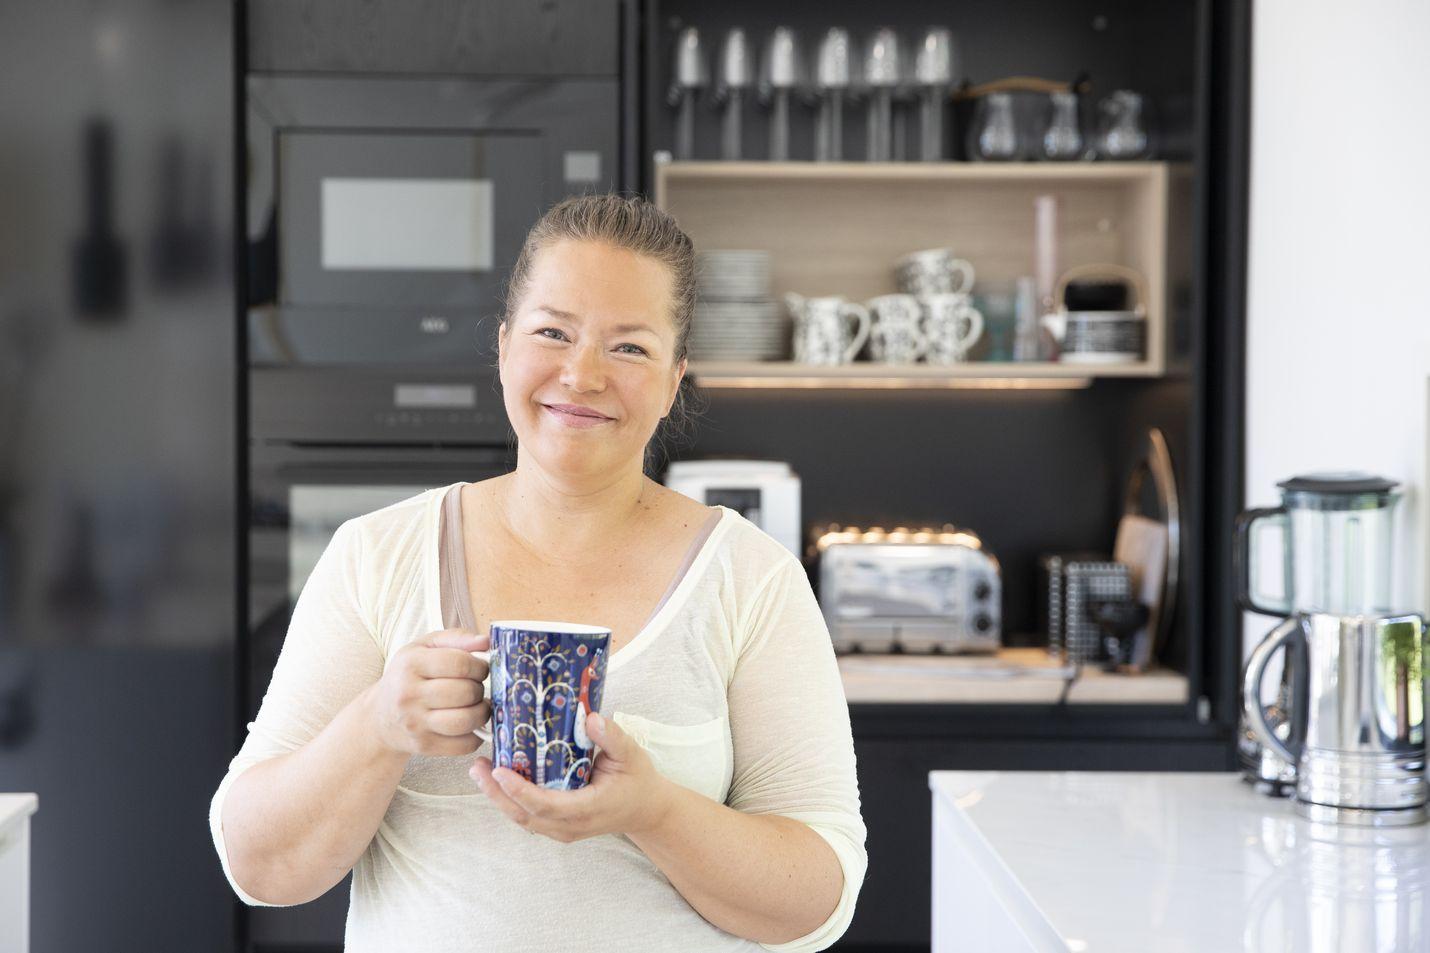 Saana Lamminaho nauttii useimmiten ison kupillisen mustaa kahvia. Peruskahvien lisäksi hän saa tehtyä kahvikoneellaan esimerkiksi espressoa ja cappuccinoa.